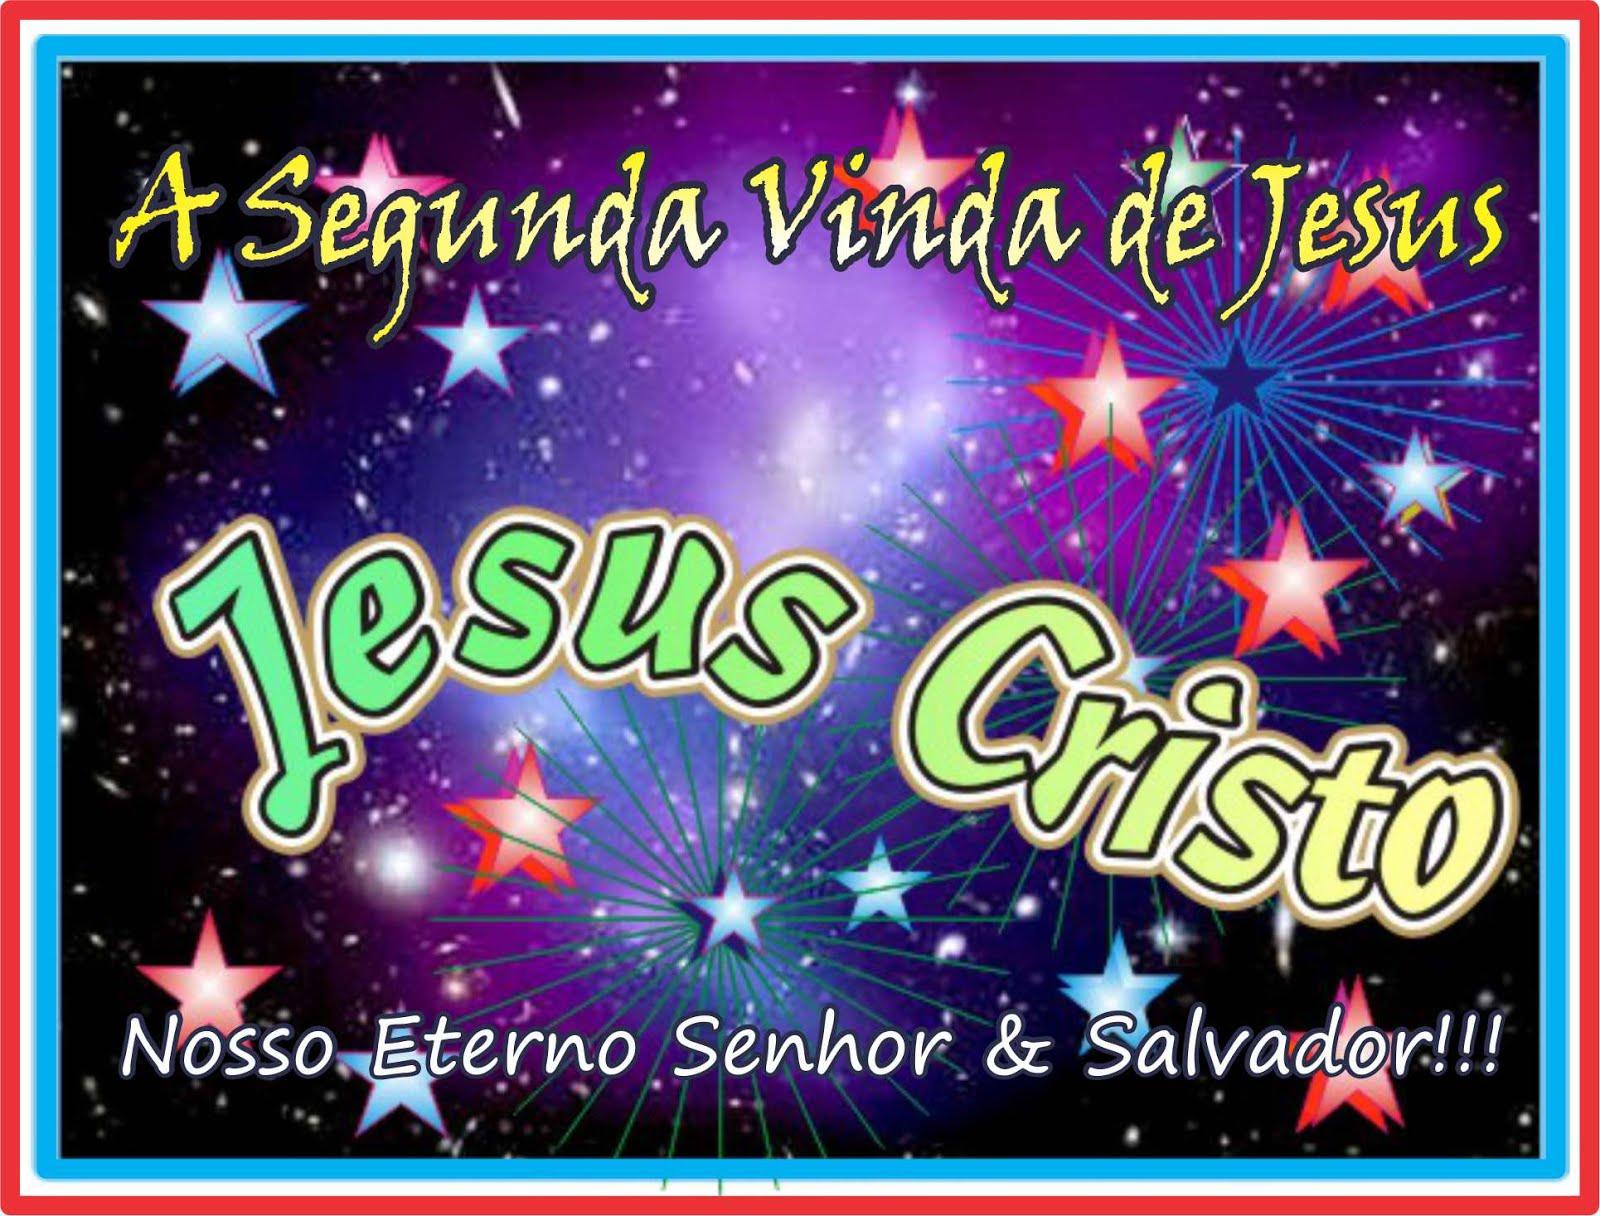 A Segunda Vinda de Jesus Cristo Nosso Senhor e Salvador